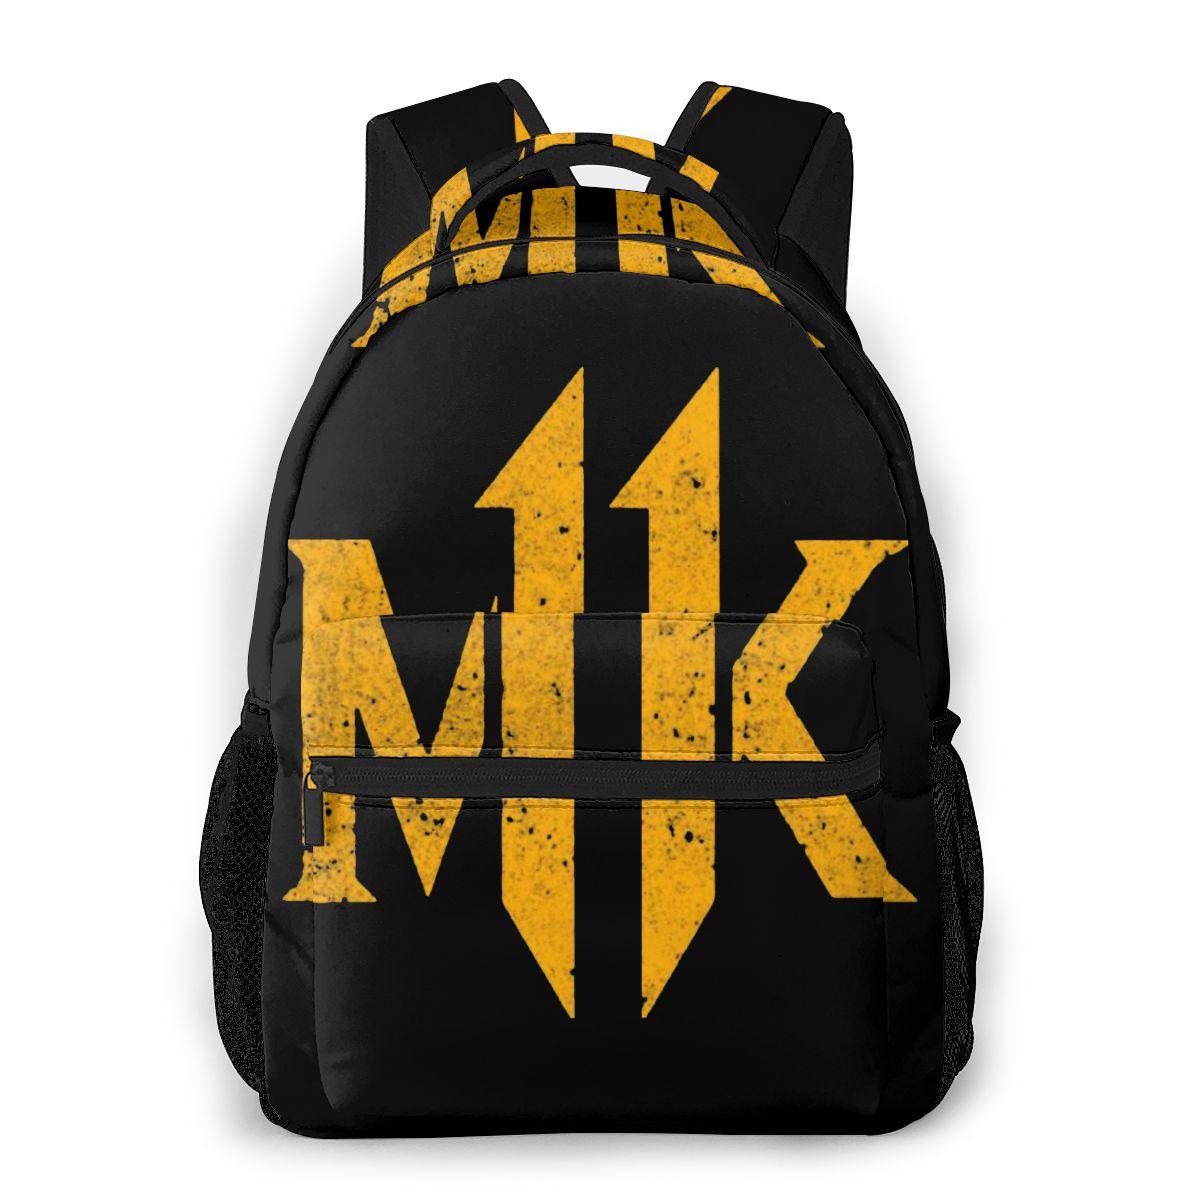 Mochila de viaje MK YELLOW para niños y niñas, bolsa de hombro estampada Mortal Kombat 11 para adolescentes